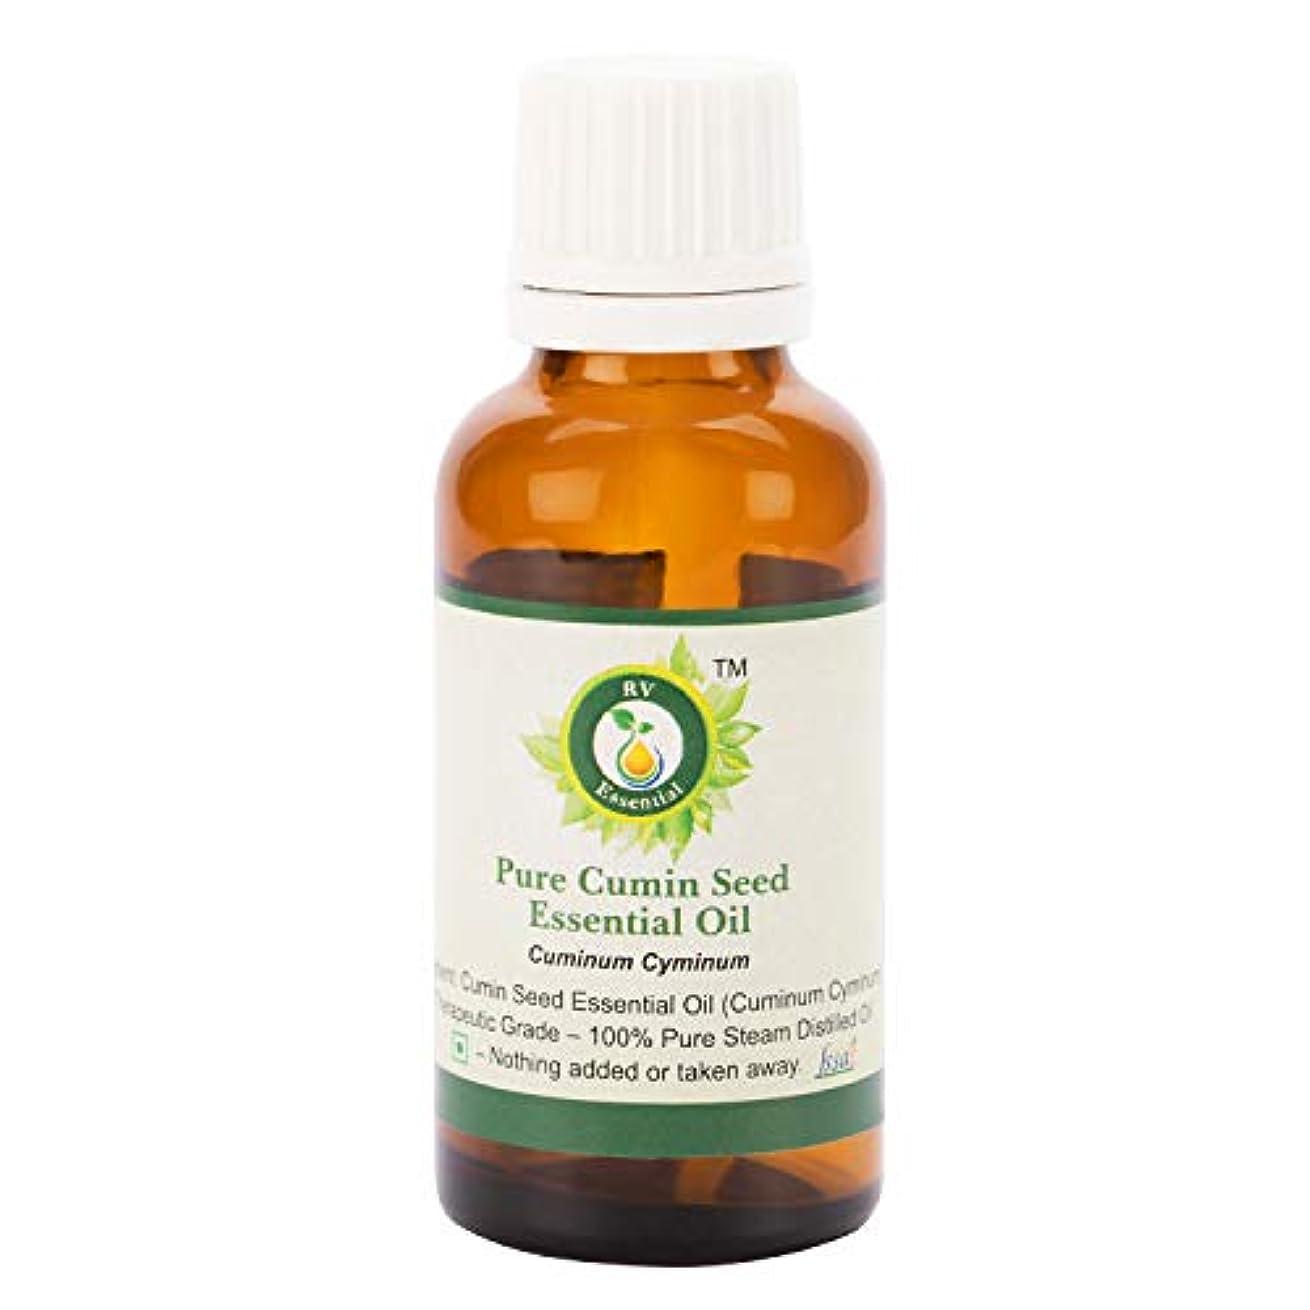 実質的ペインティング葉ピュアクミンシードエッセンシャルオイル5ml (0.169oz)- Cuminum Cyminum (100%純粋&天然スチームDistilled) Pure Cumin Seed Essential Oil